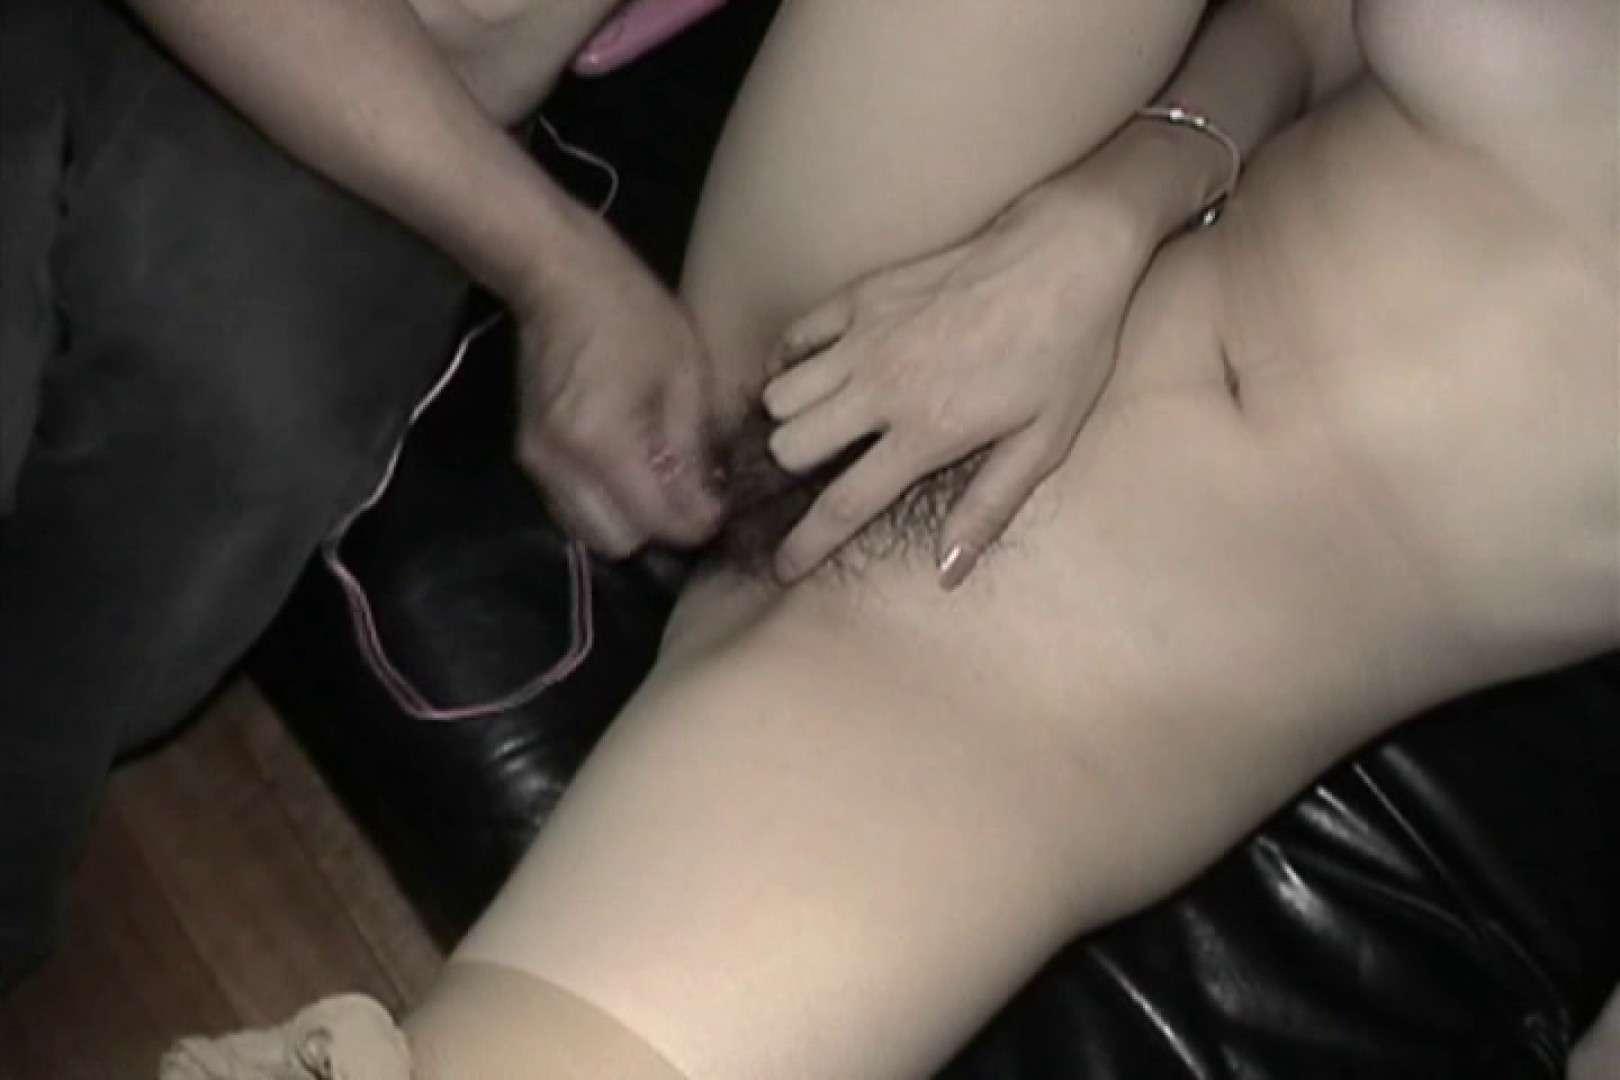 形の良いお椀型の美乳熟女とSEX~川島みさき~ おっぱい特集 エロ画像 99pic 77